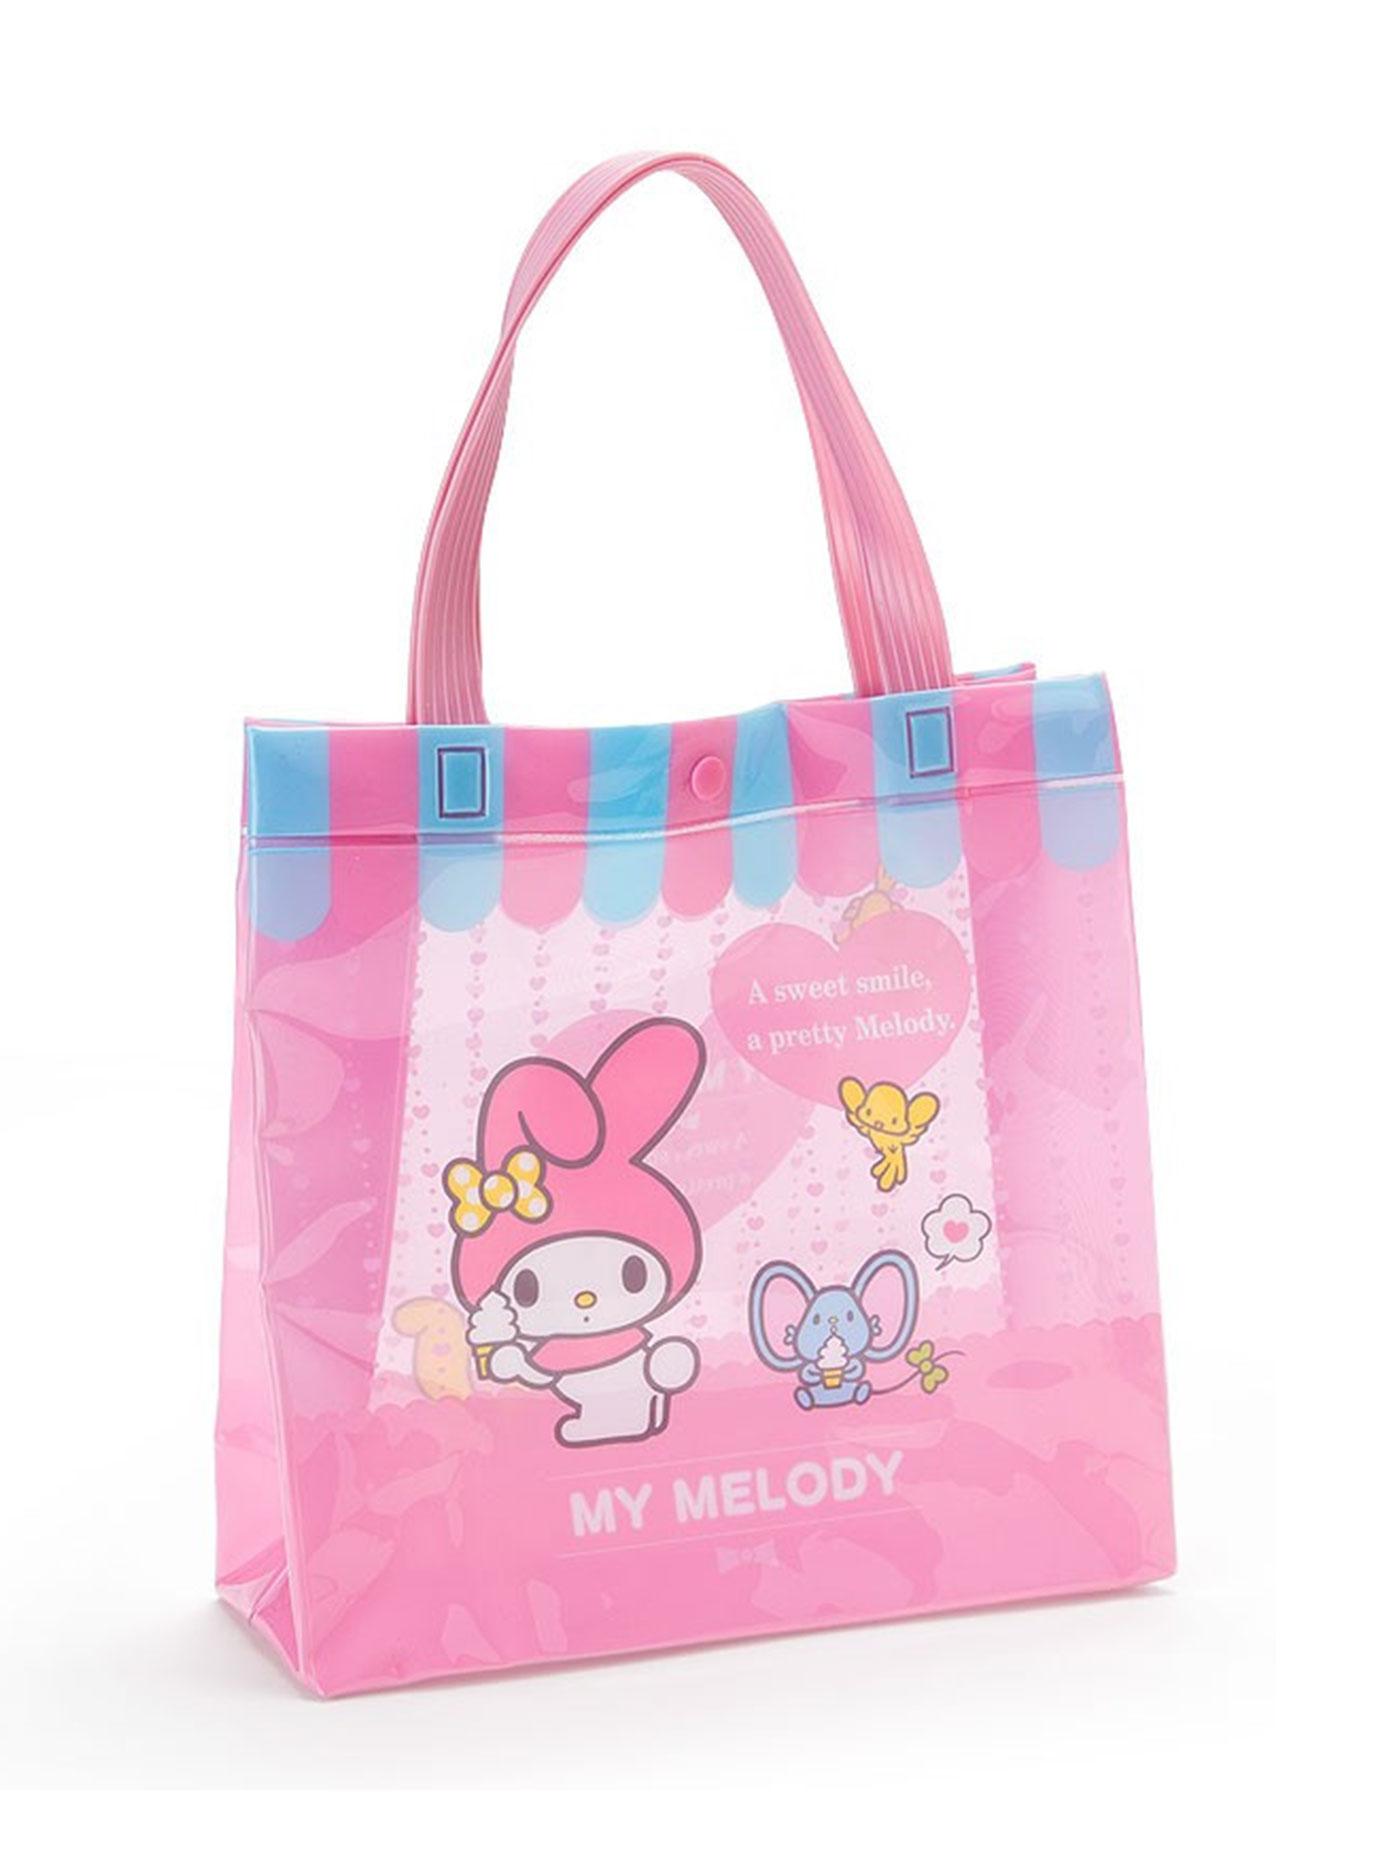 9434ab3ca1 My Melody Summer Vinyl Mini Tote Bag My Melody Pink